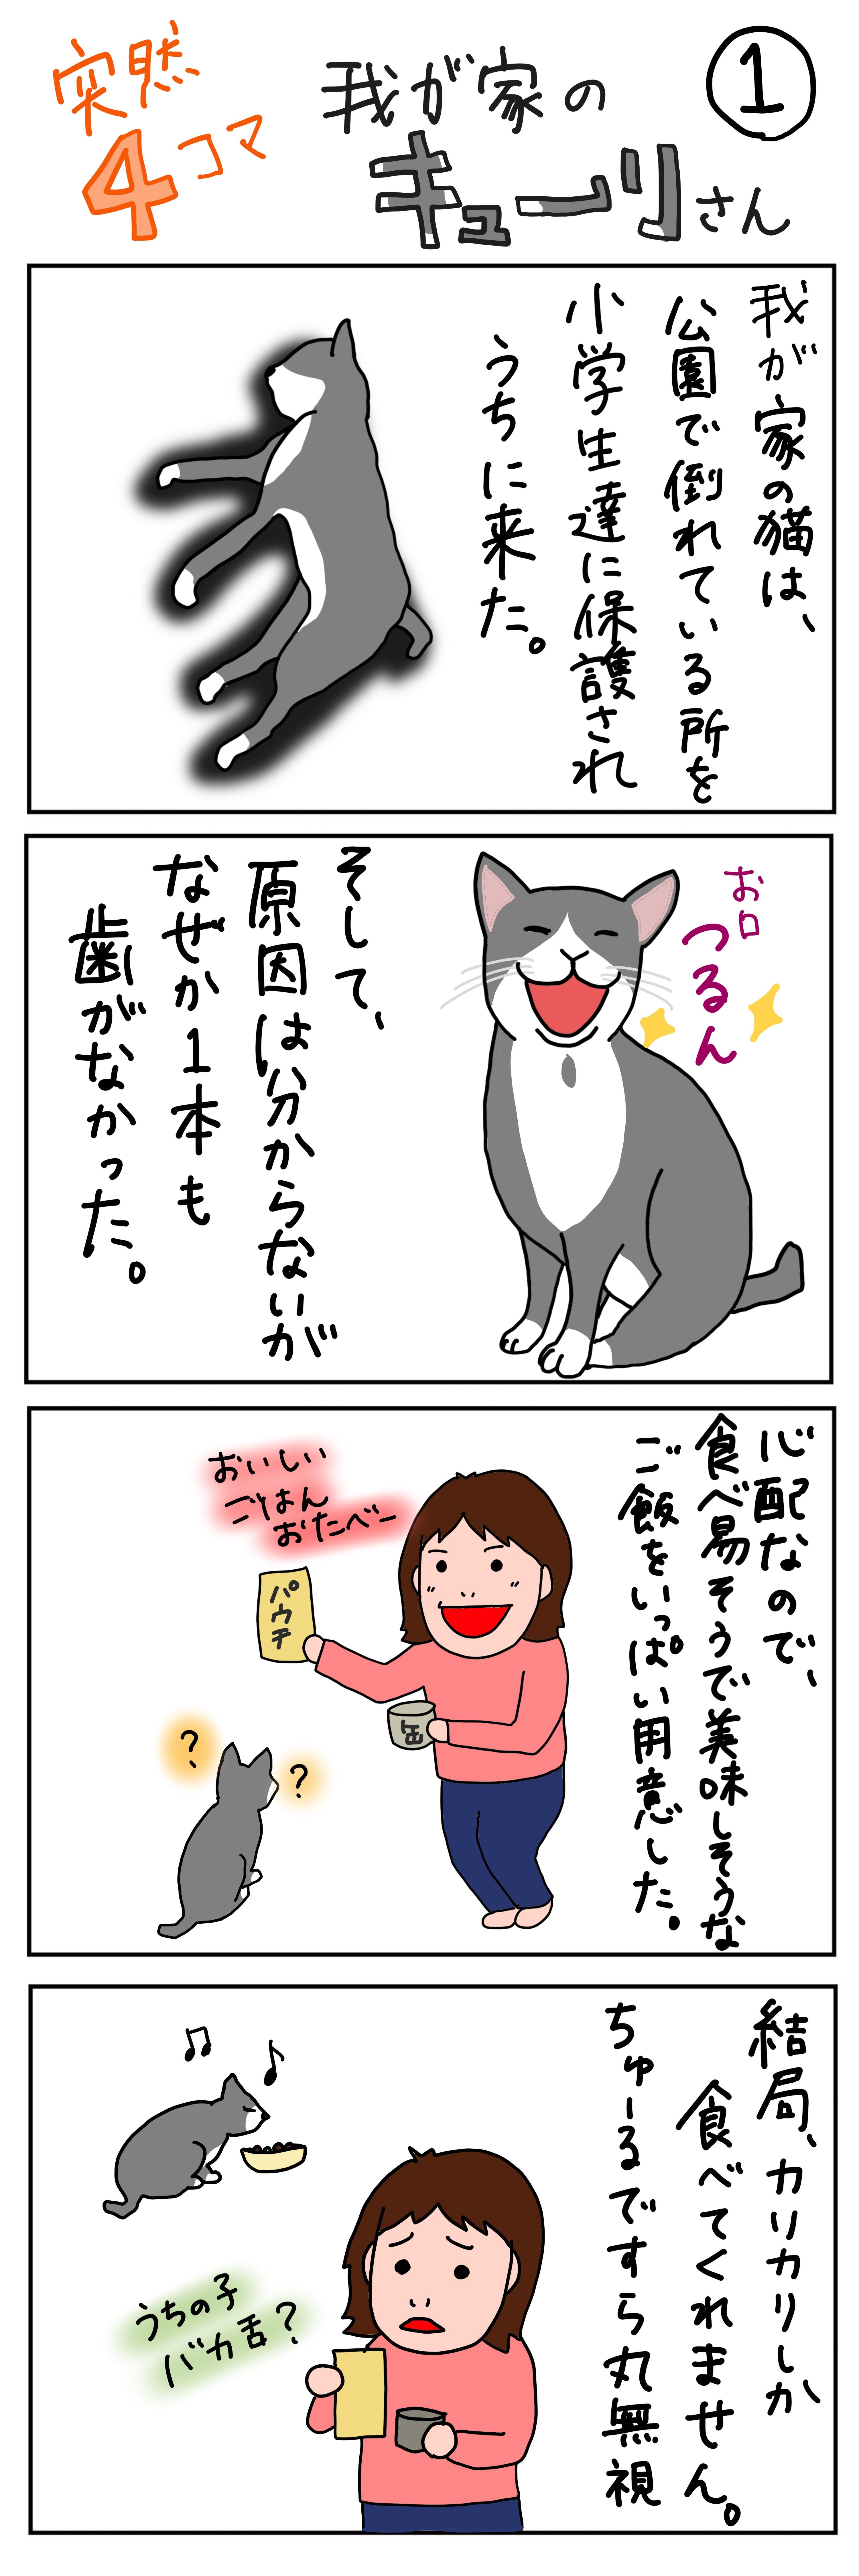 にゃん4コマvol1